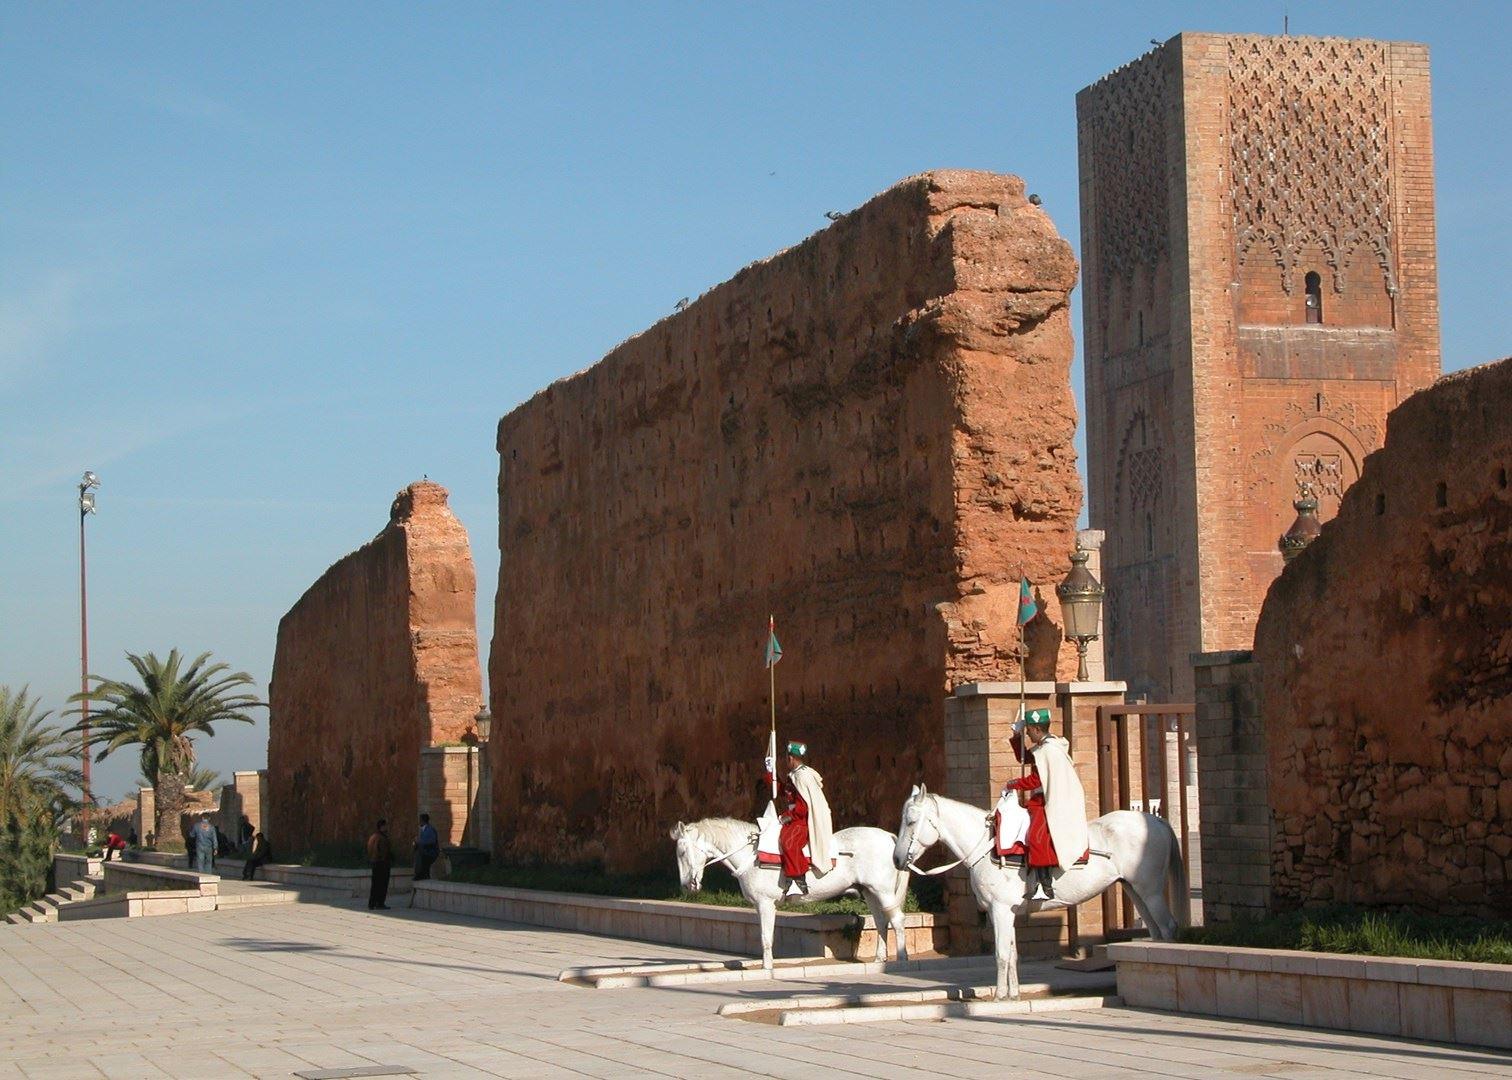 rabat morocco city of lights. Black Bedroom Furniture Sets. Home Design Ideas